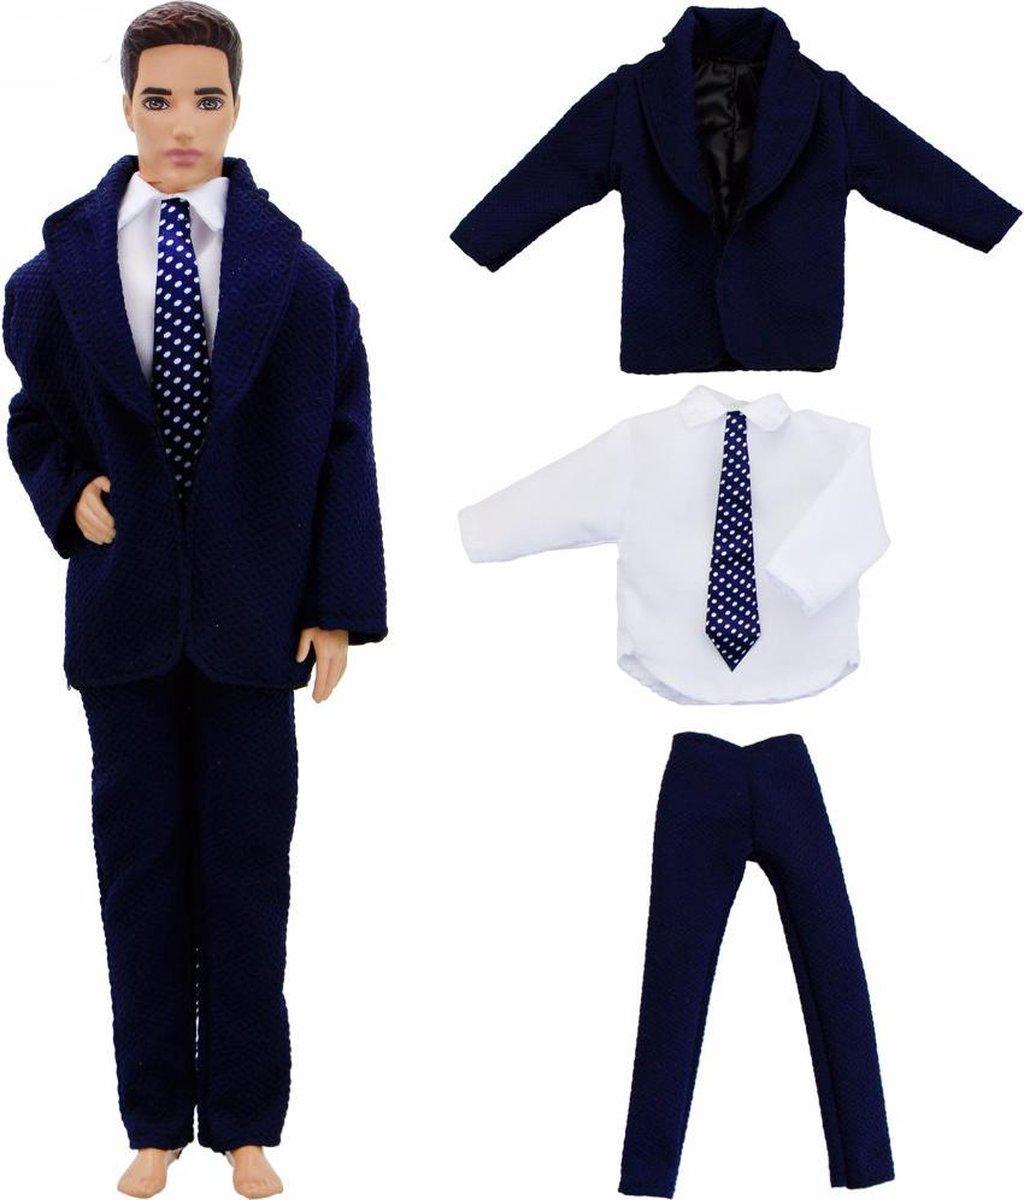 Ongekend bol.com   3-delig kostuum/pak voor mannelijke modepop zoals barbie FJ-95